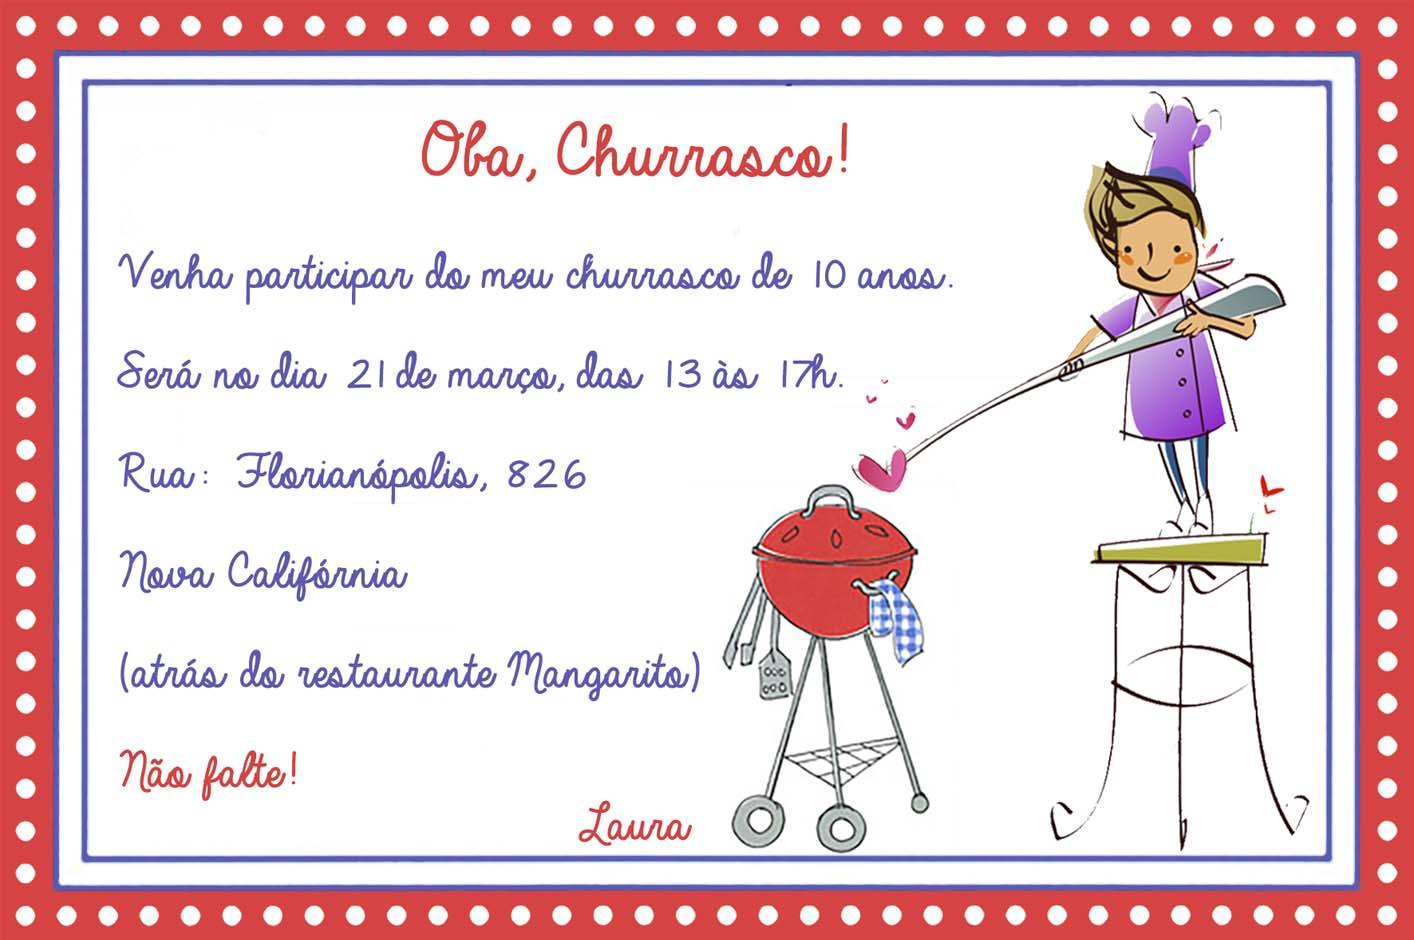 Modelos De Convites Para Churrasco